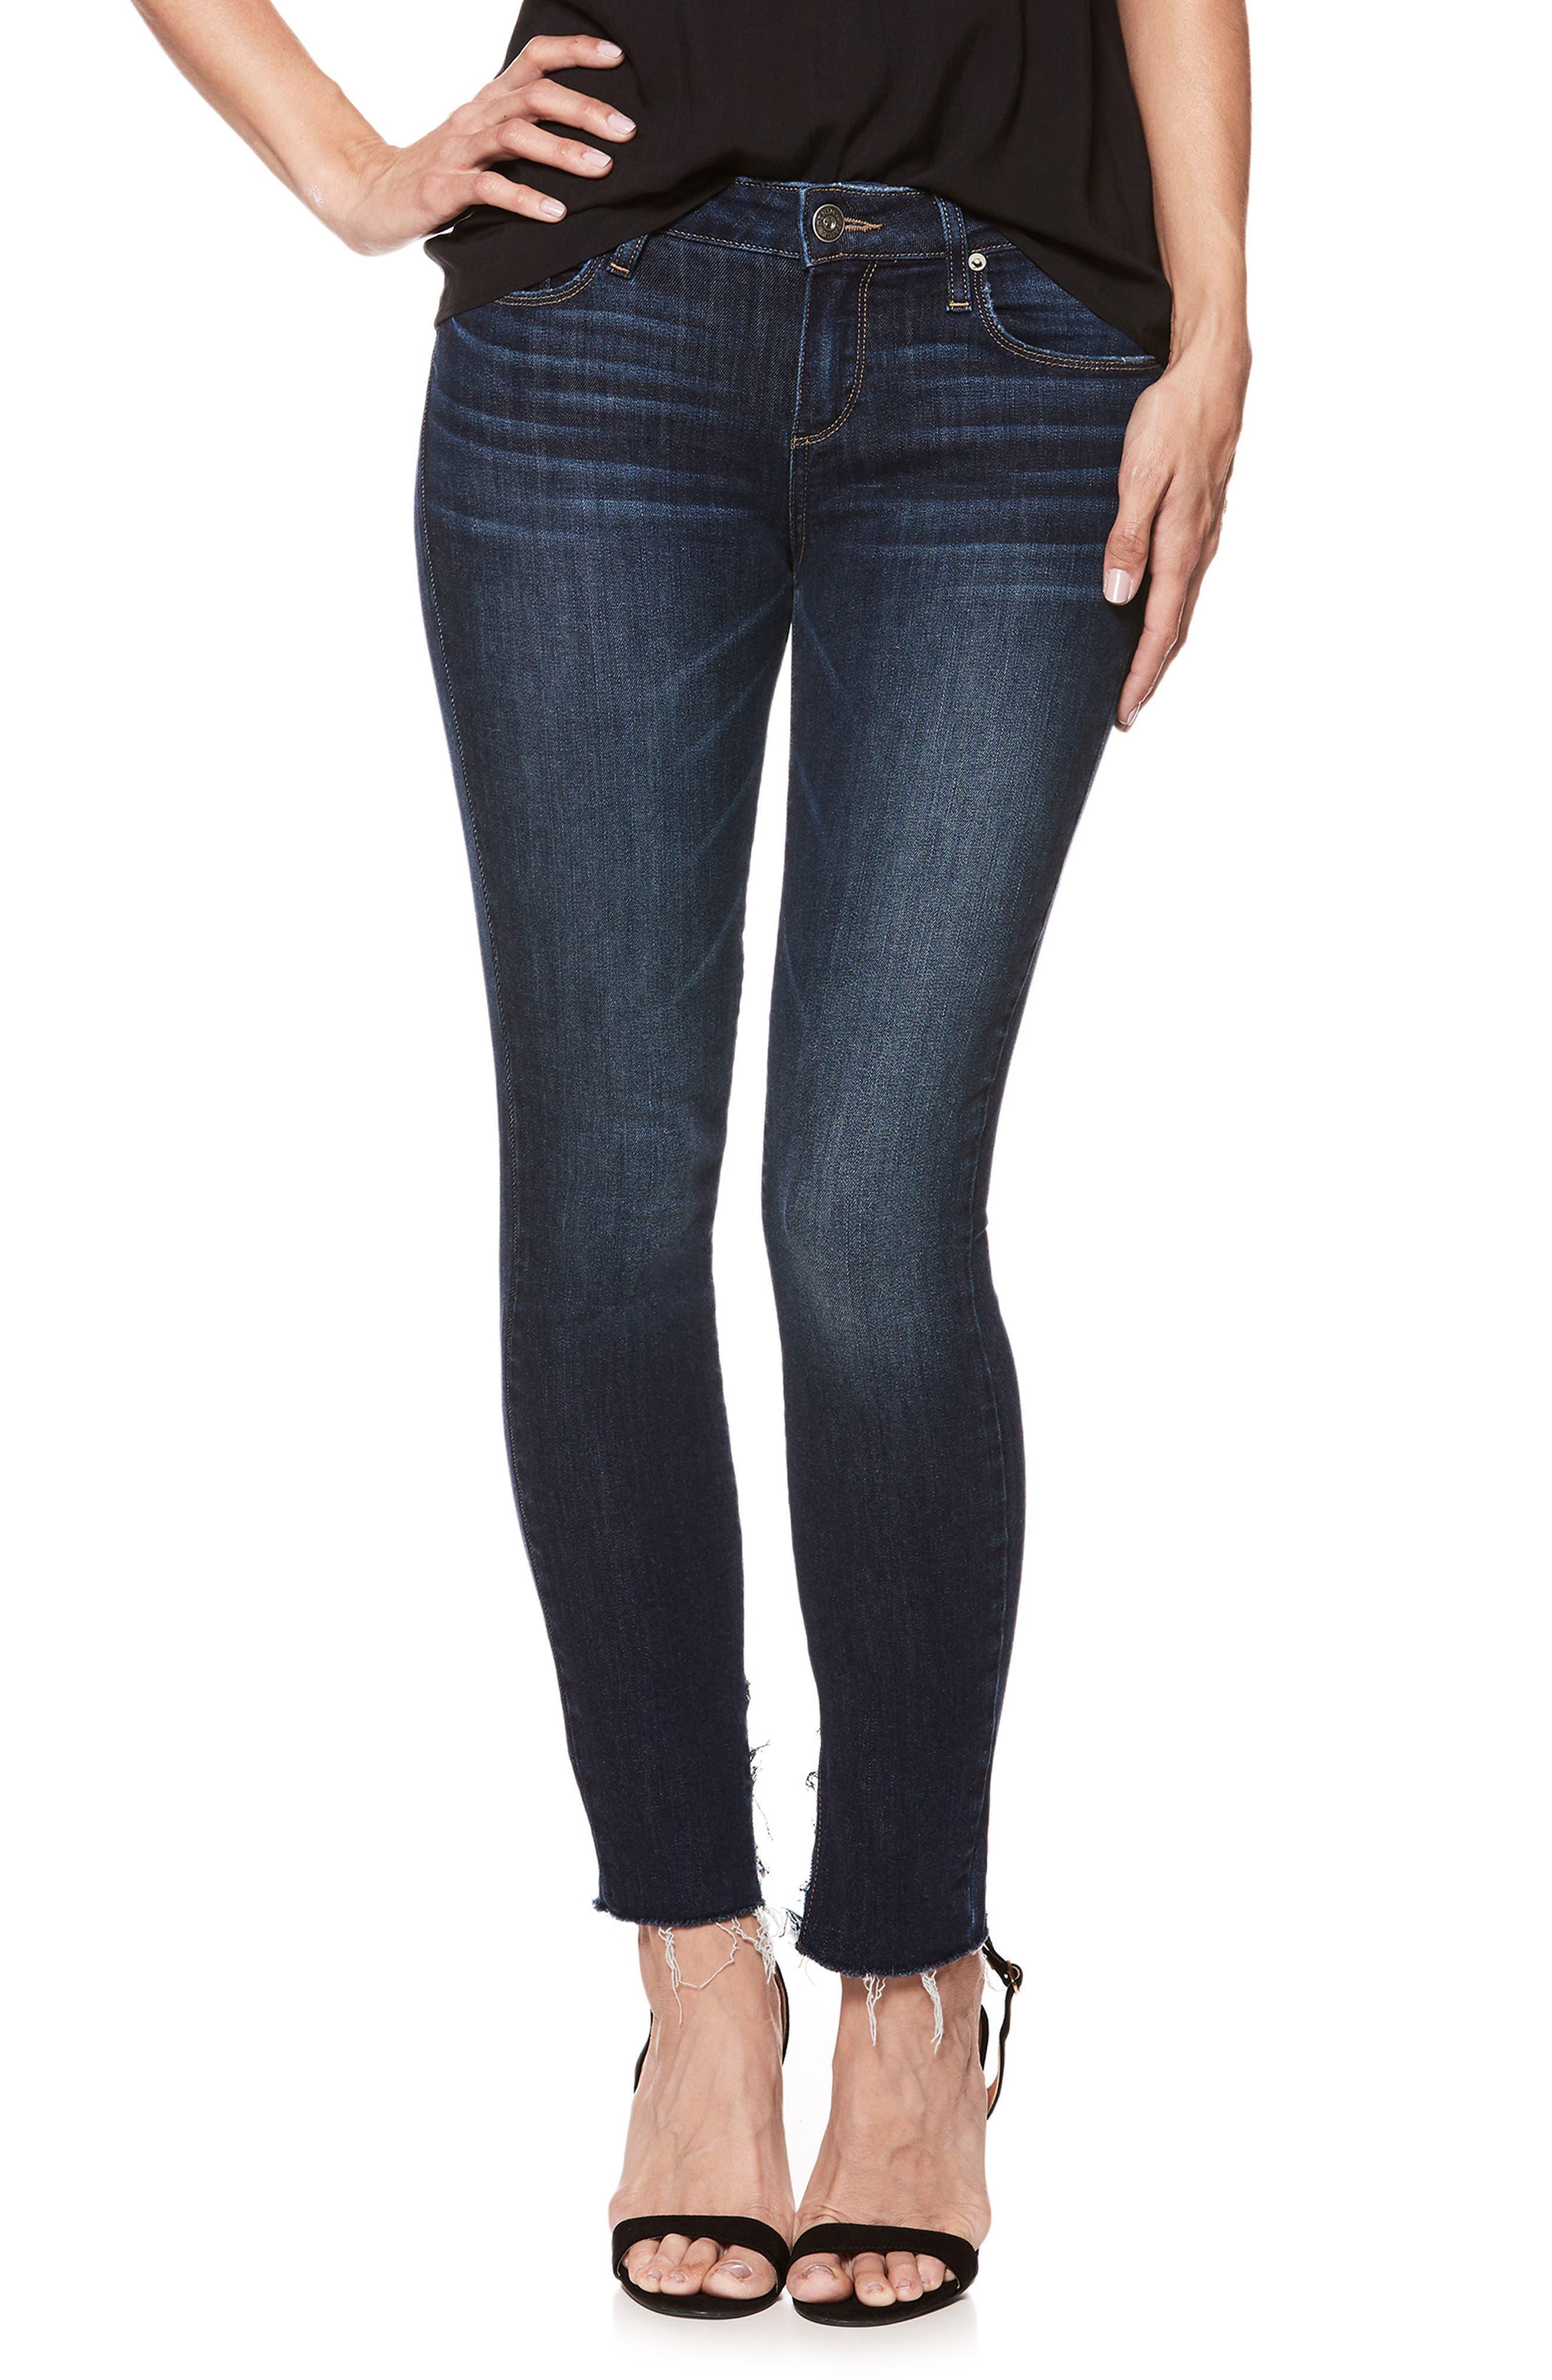 Transcend Vintage - Verdugo Ankle Ultra Skinny Jeans,                         Main,                         color, 400